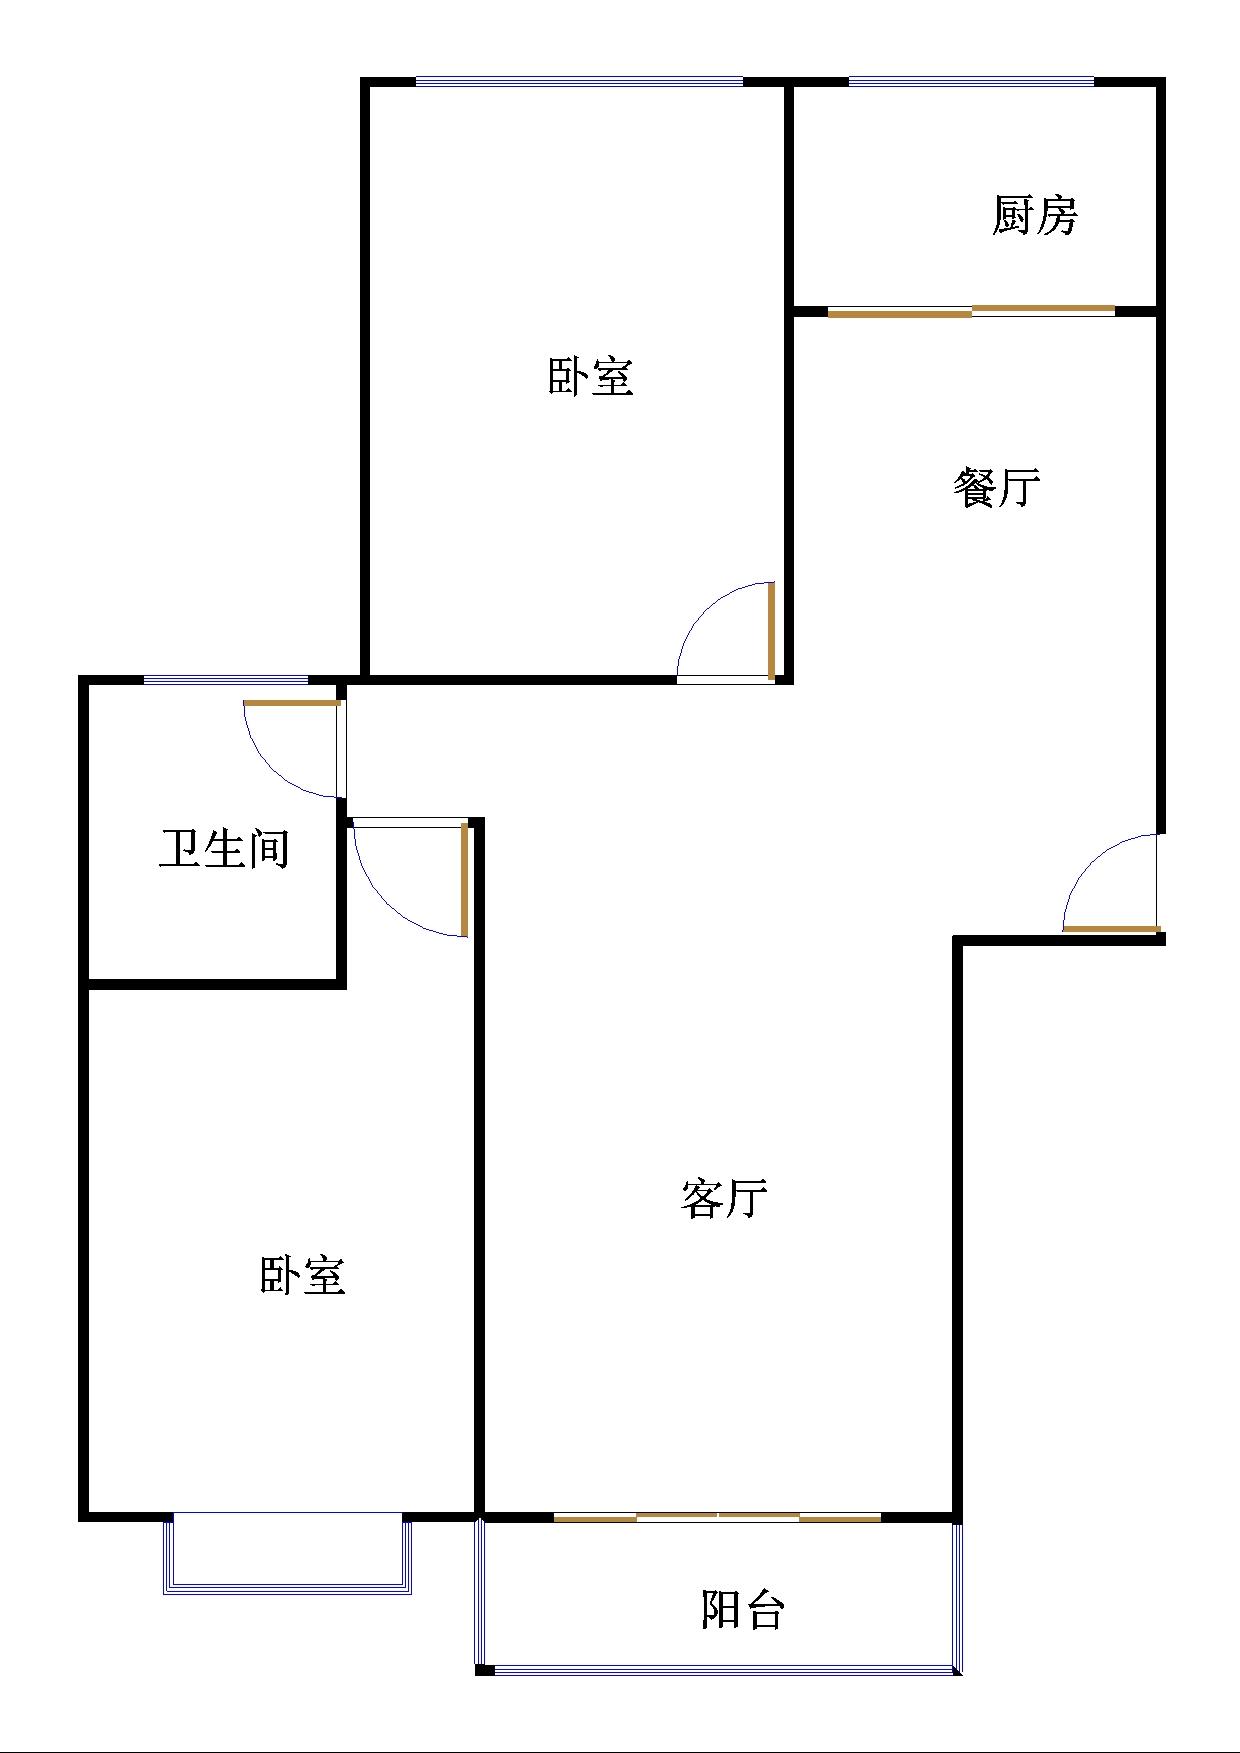 至尊名郡 2室2厅 8楼